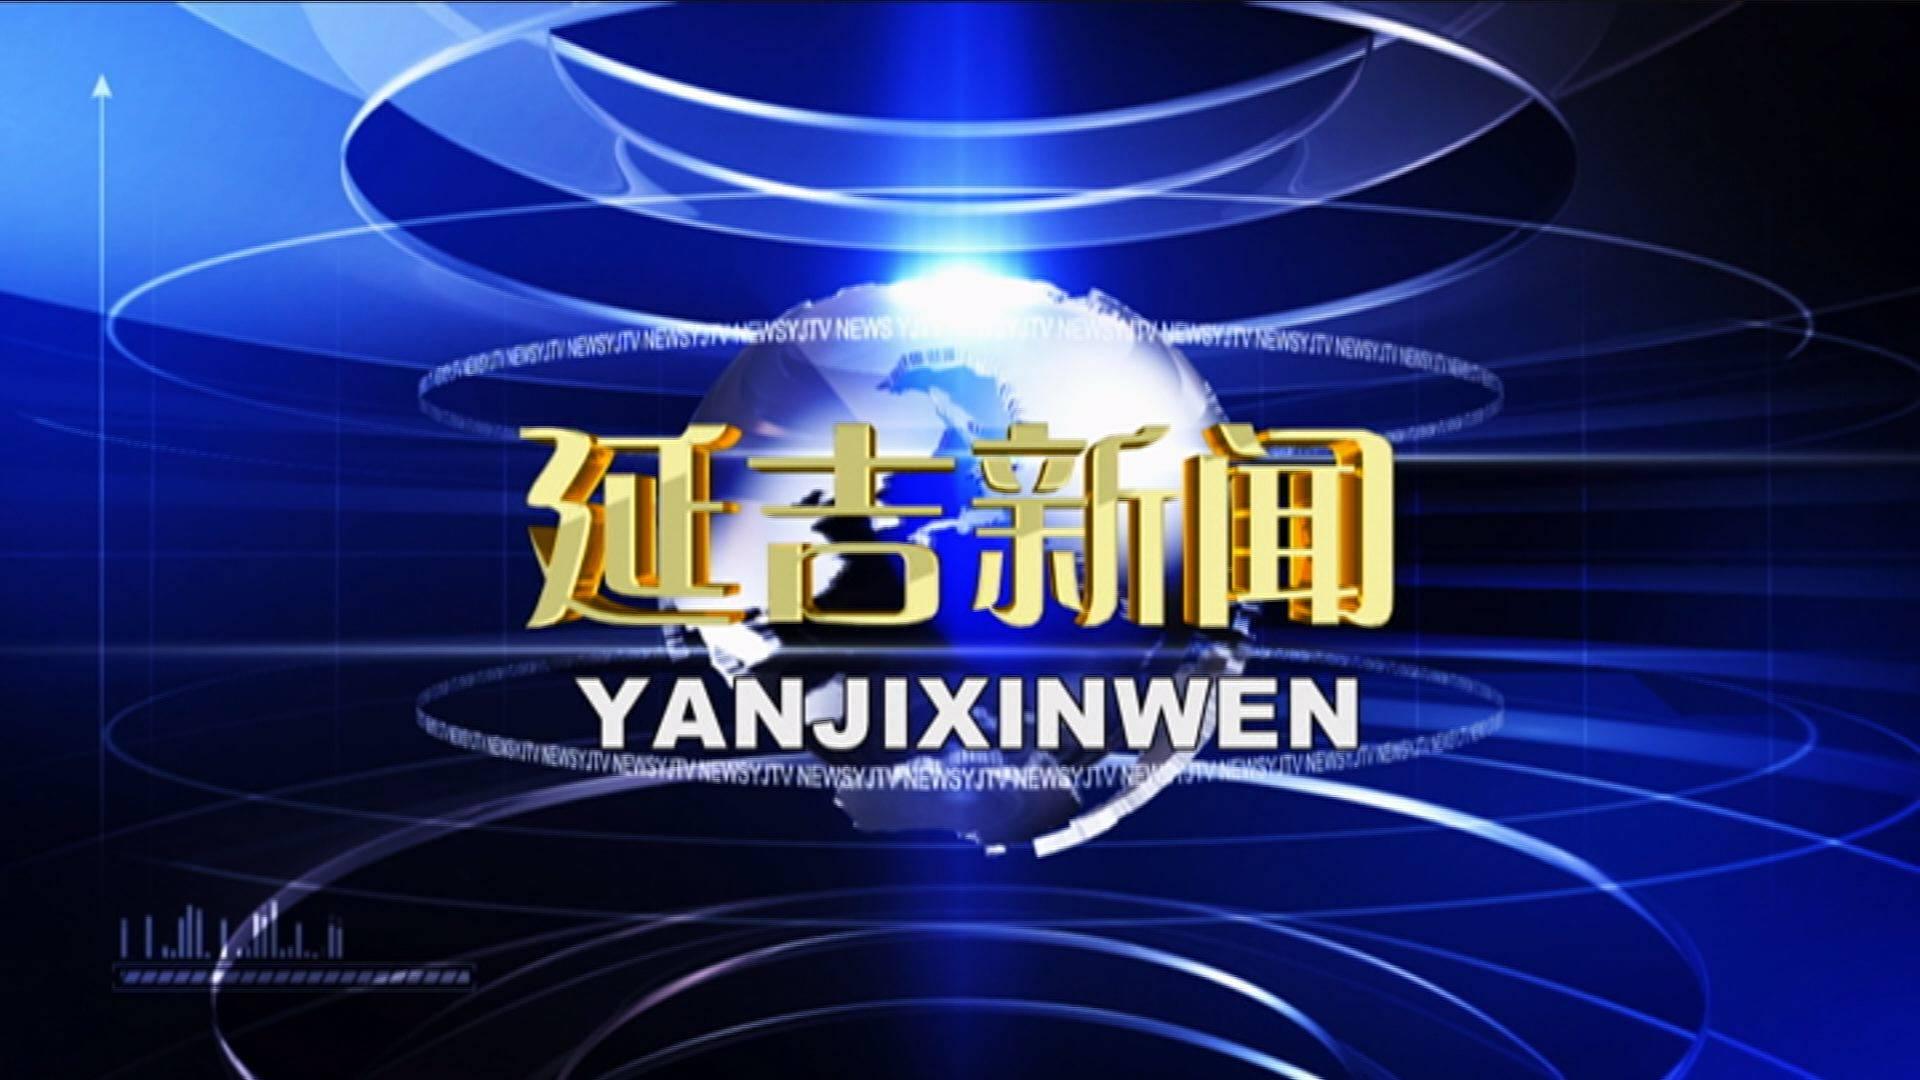 2020. 11. 27 延吉新闻